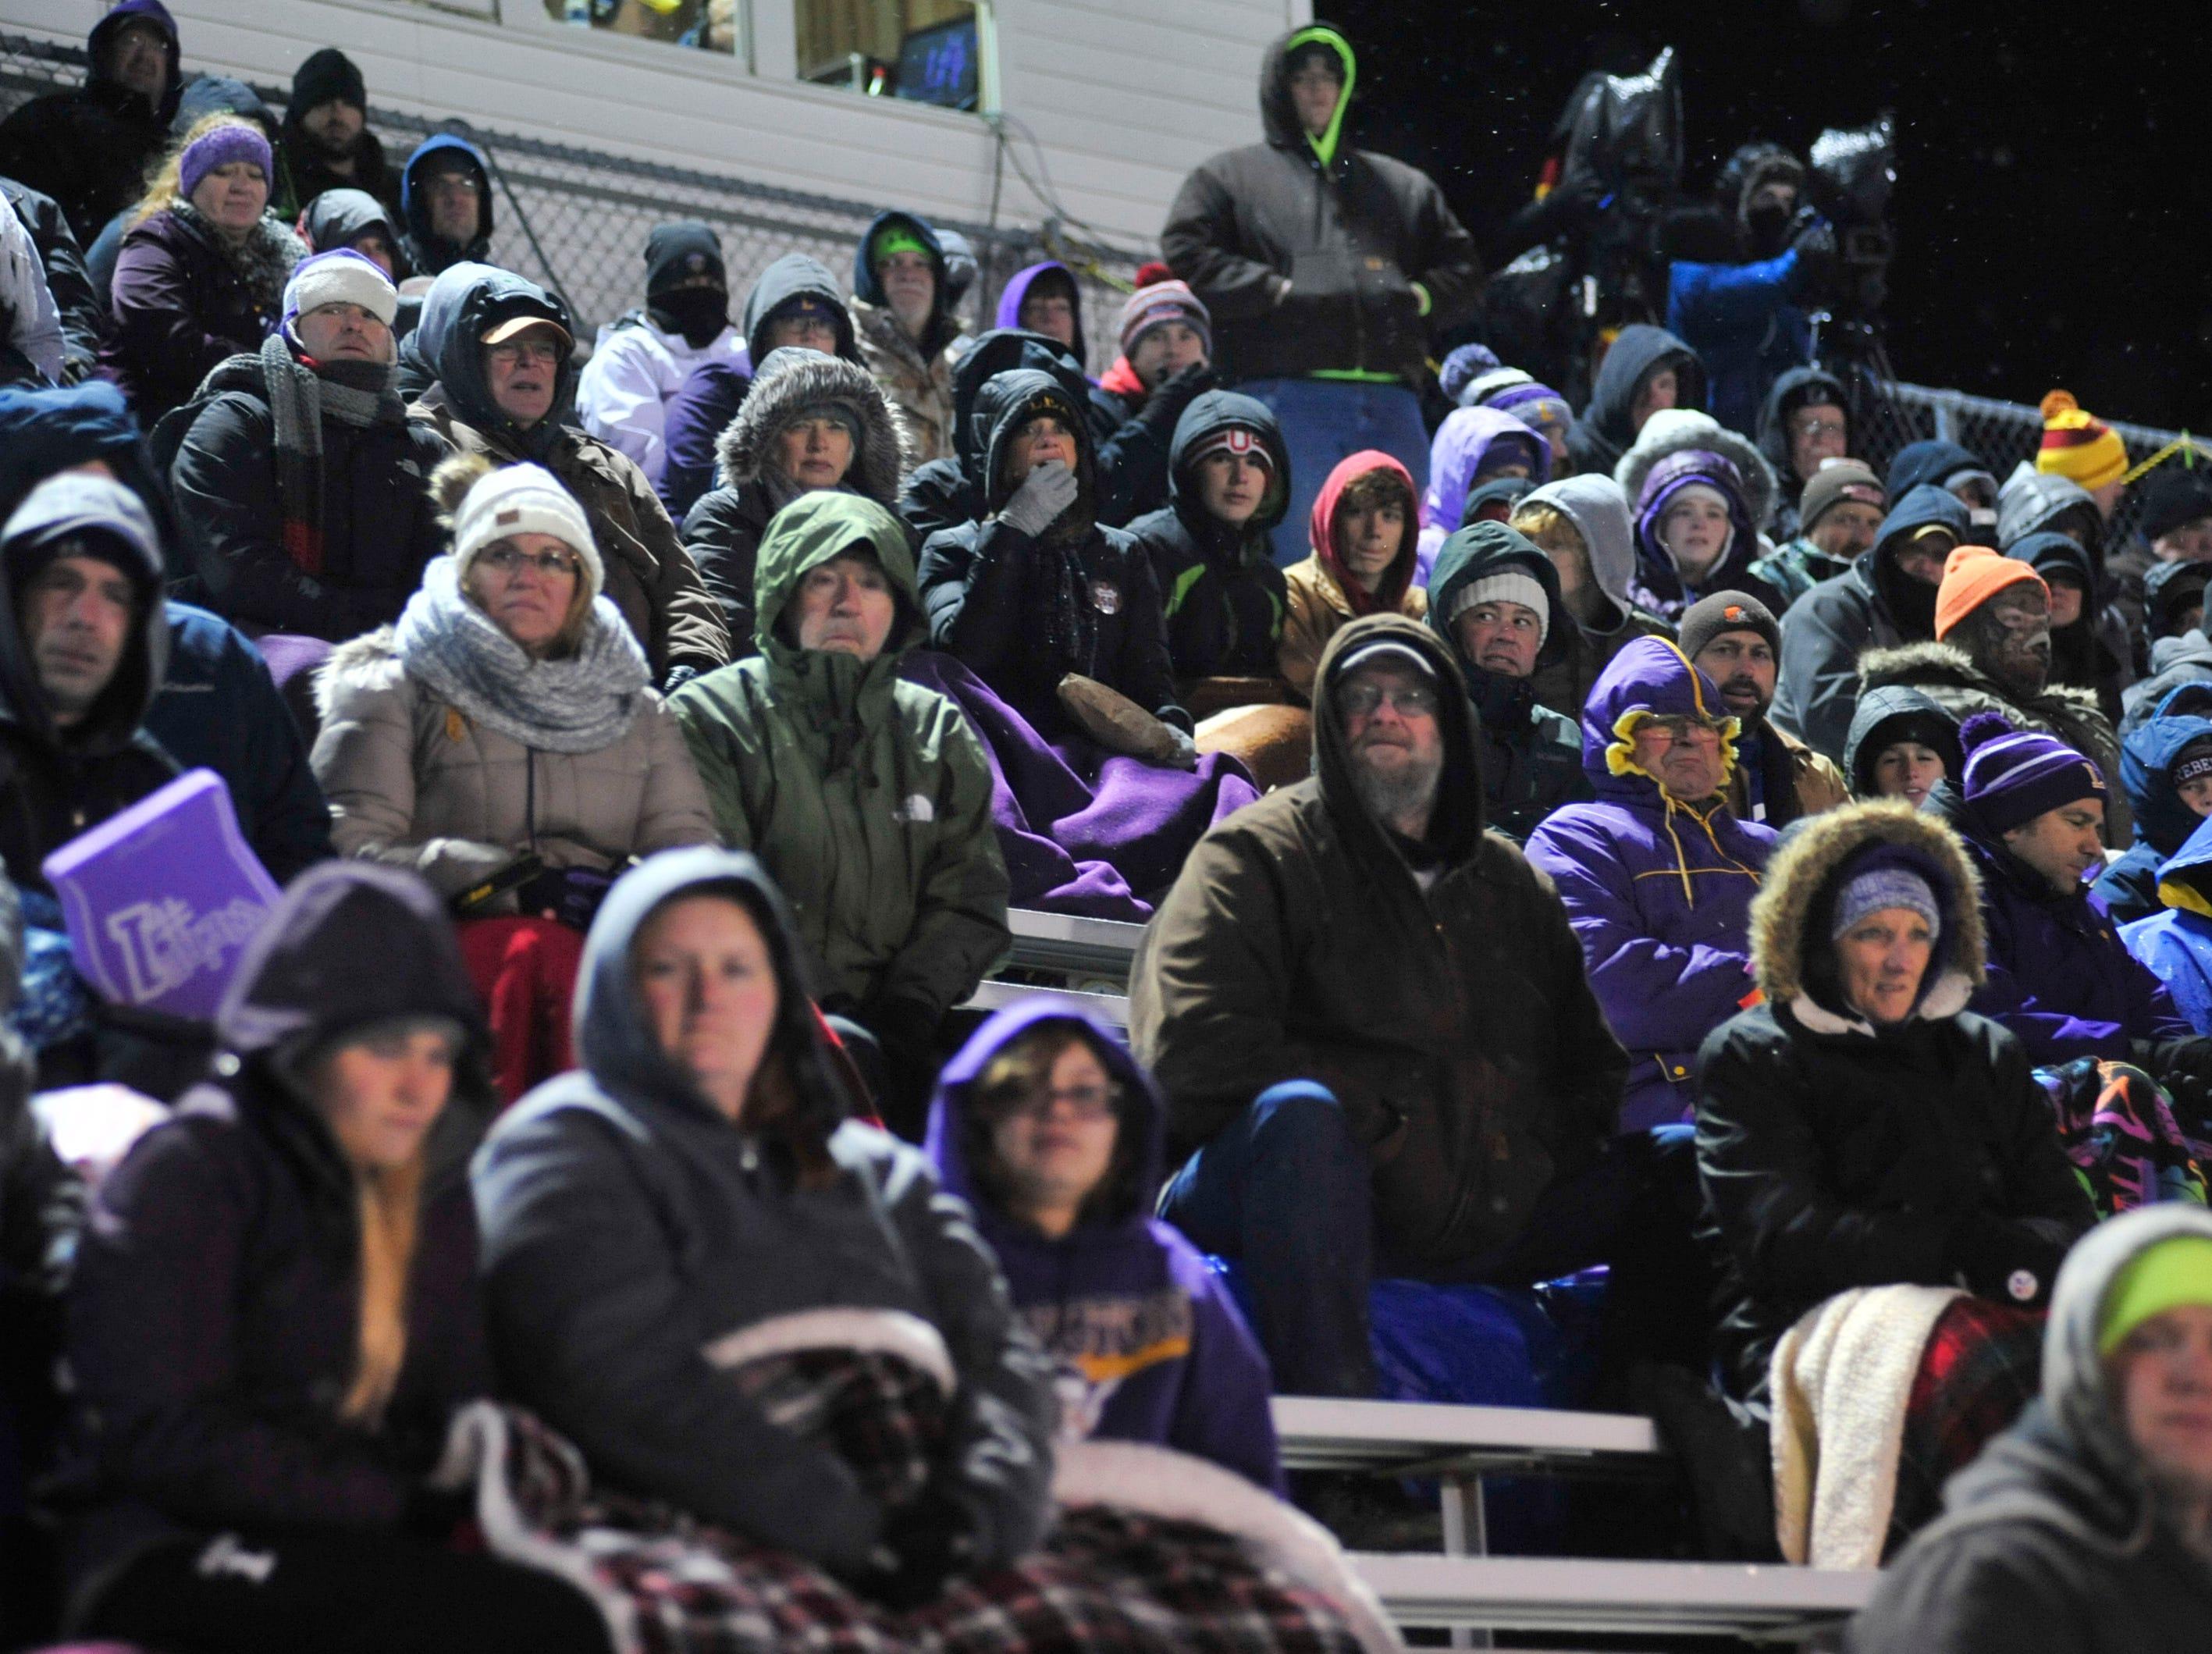 Lexington fans watch their football team play against Sandusky at Willard High School on Friday.